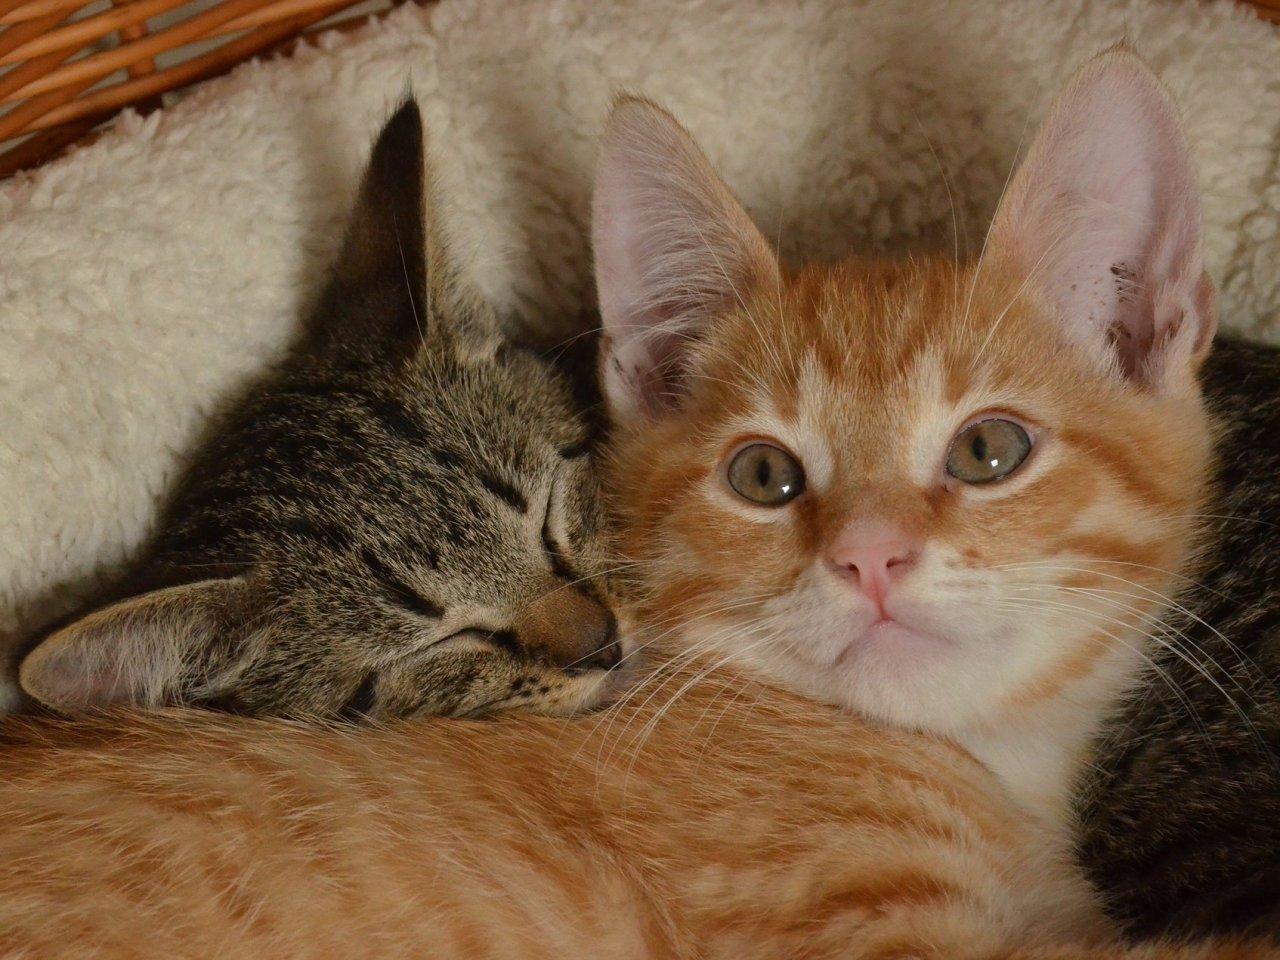 картинки рыжего и серого кота представителями животных